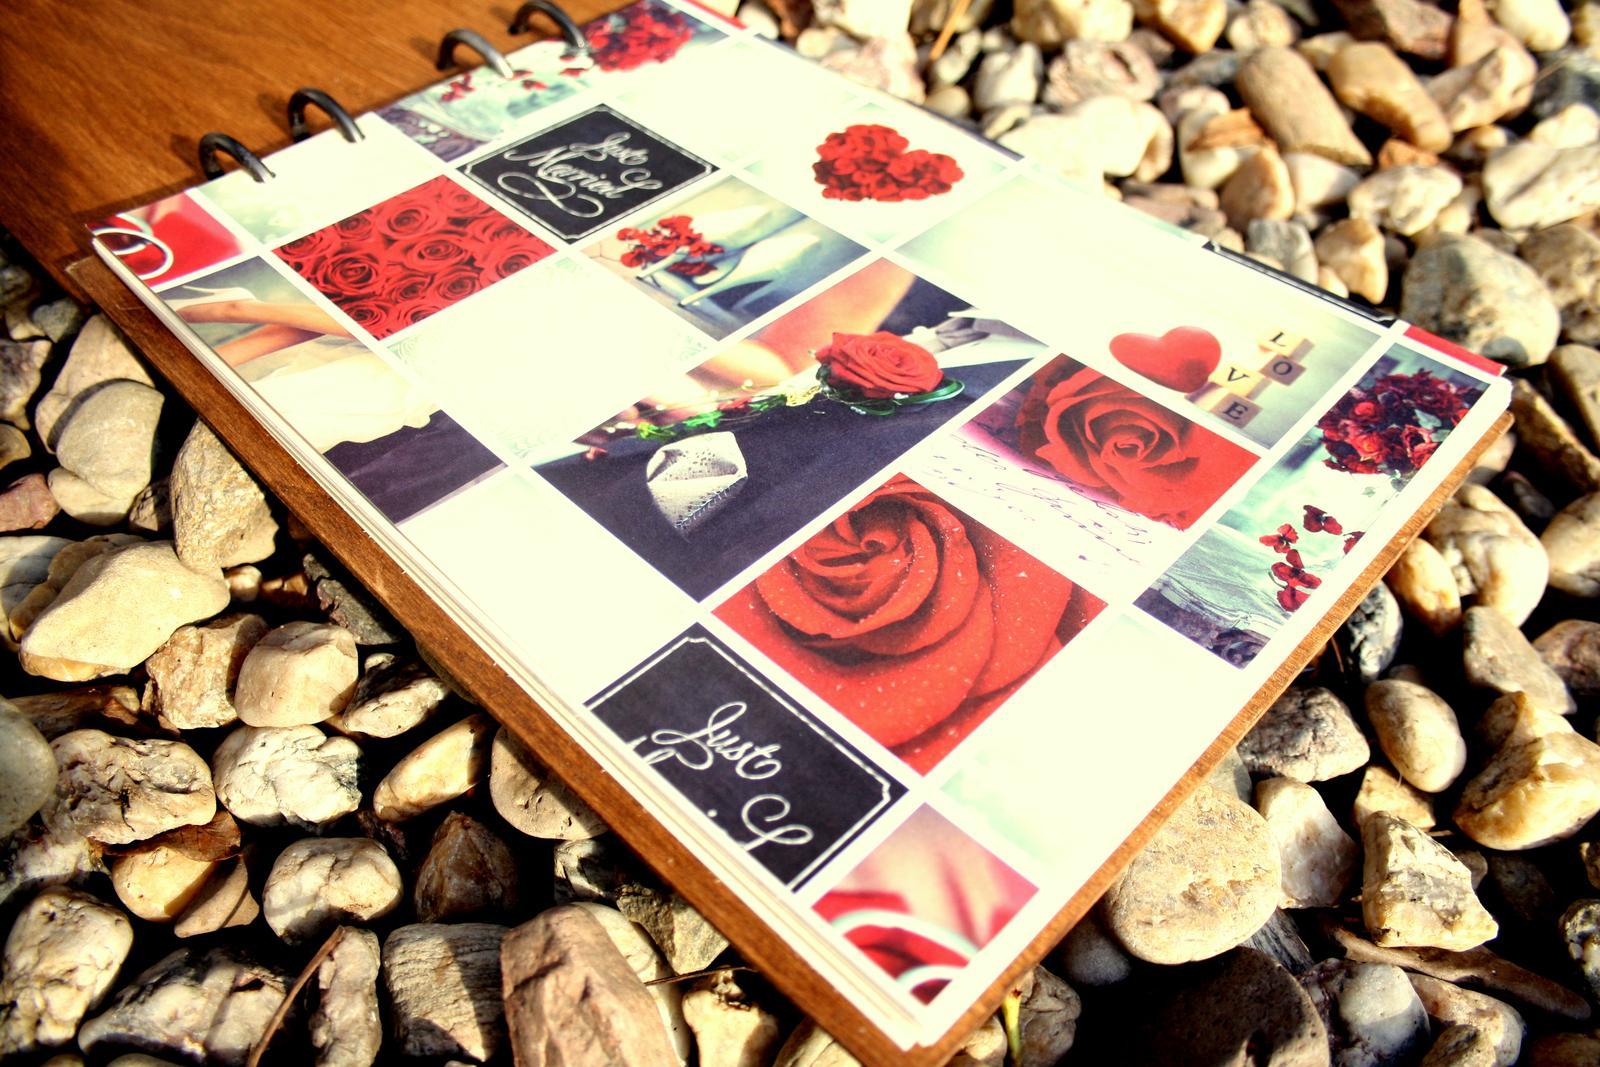 Svatební kniha hostů / svatební fotoalbum  - Obrázek č. 1